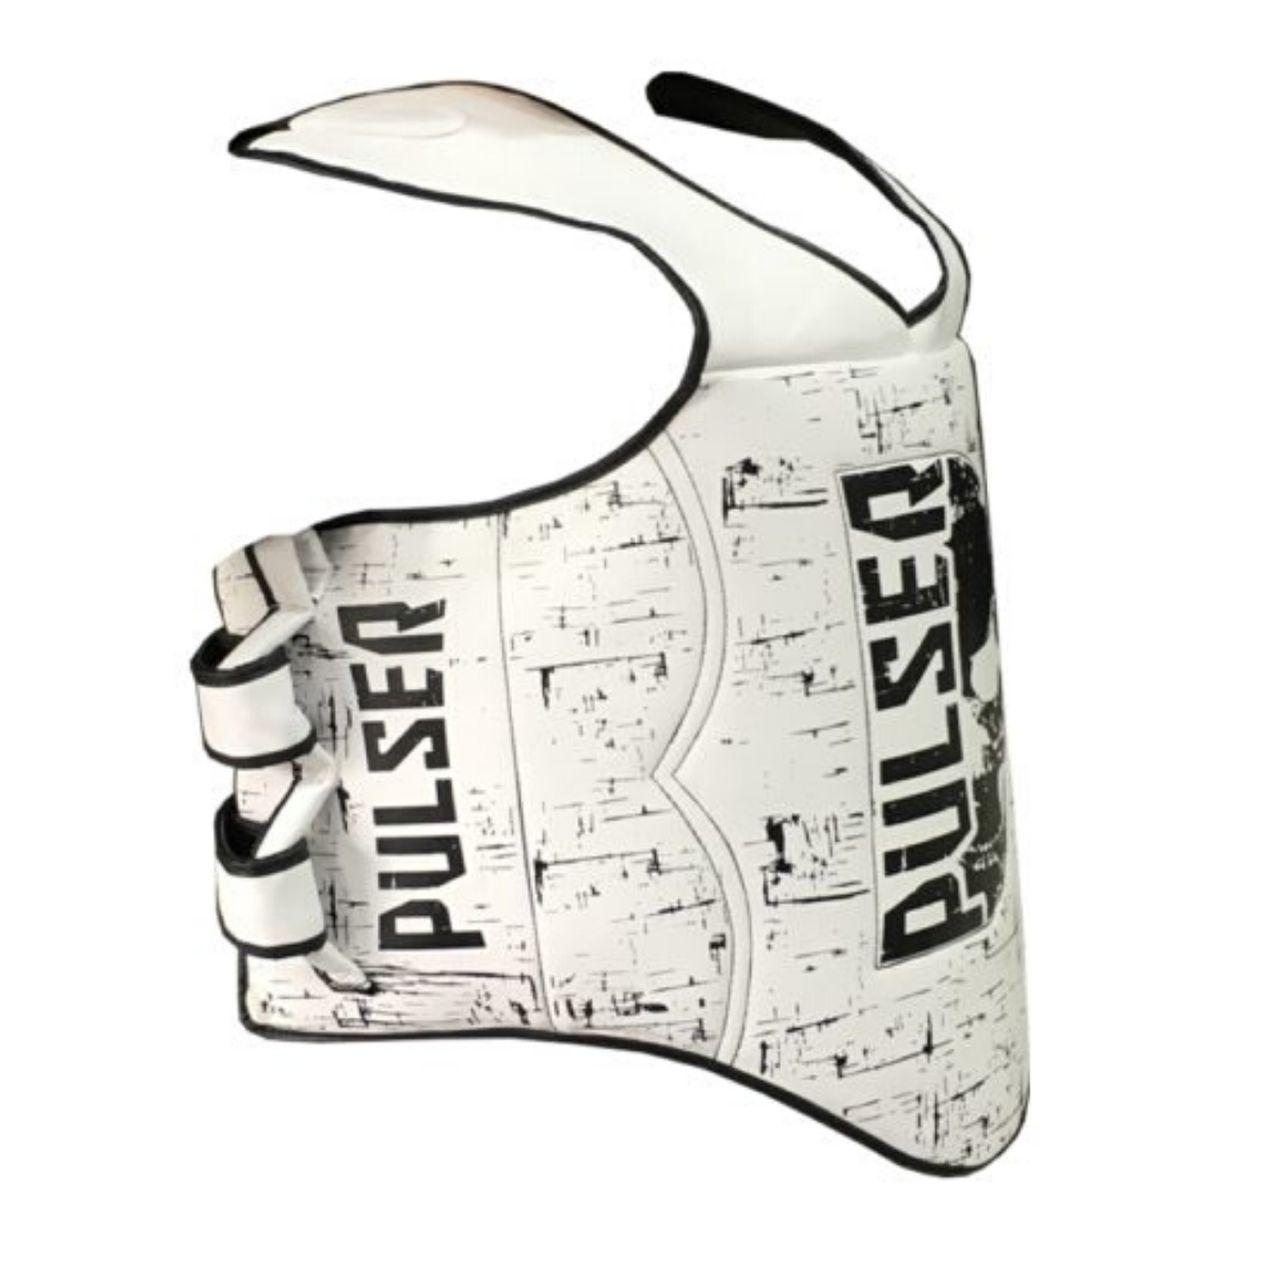 Protetor de Tórax Colete Super Reforçado Muay Thai / Boxe - Branco Caveira - Pulser  - PRALUTA SHOP